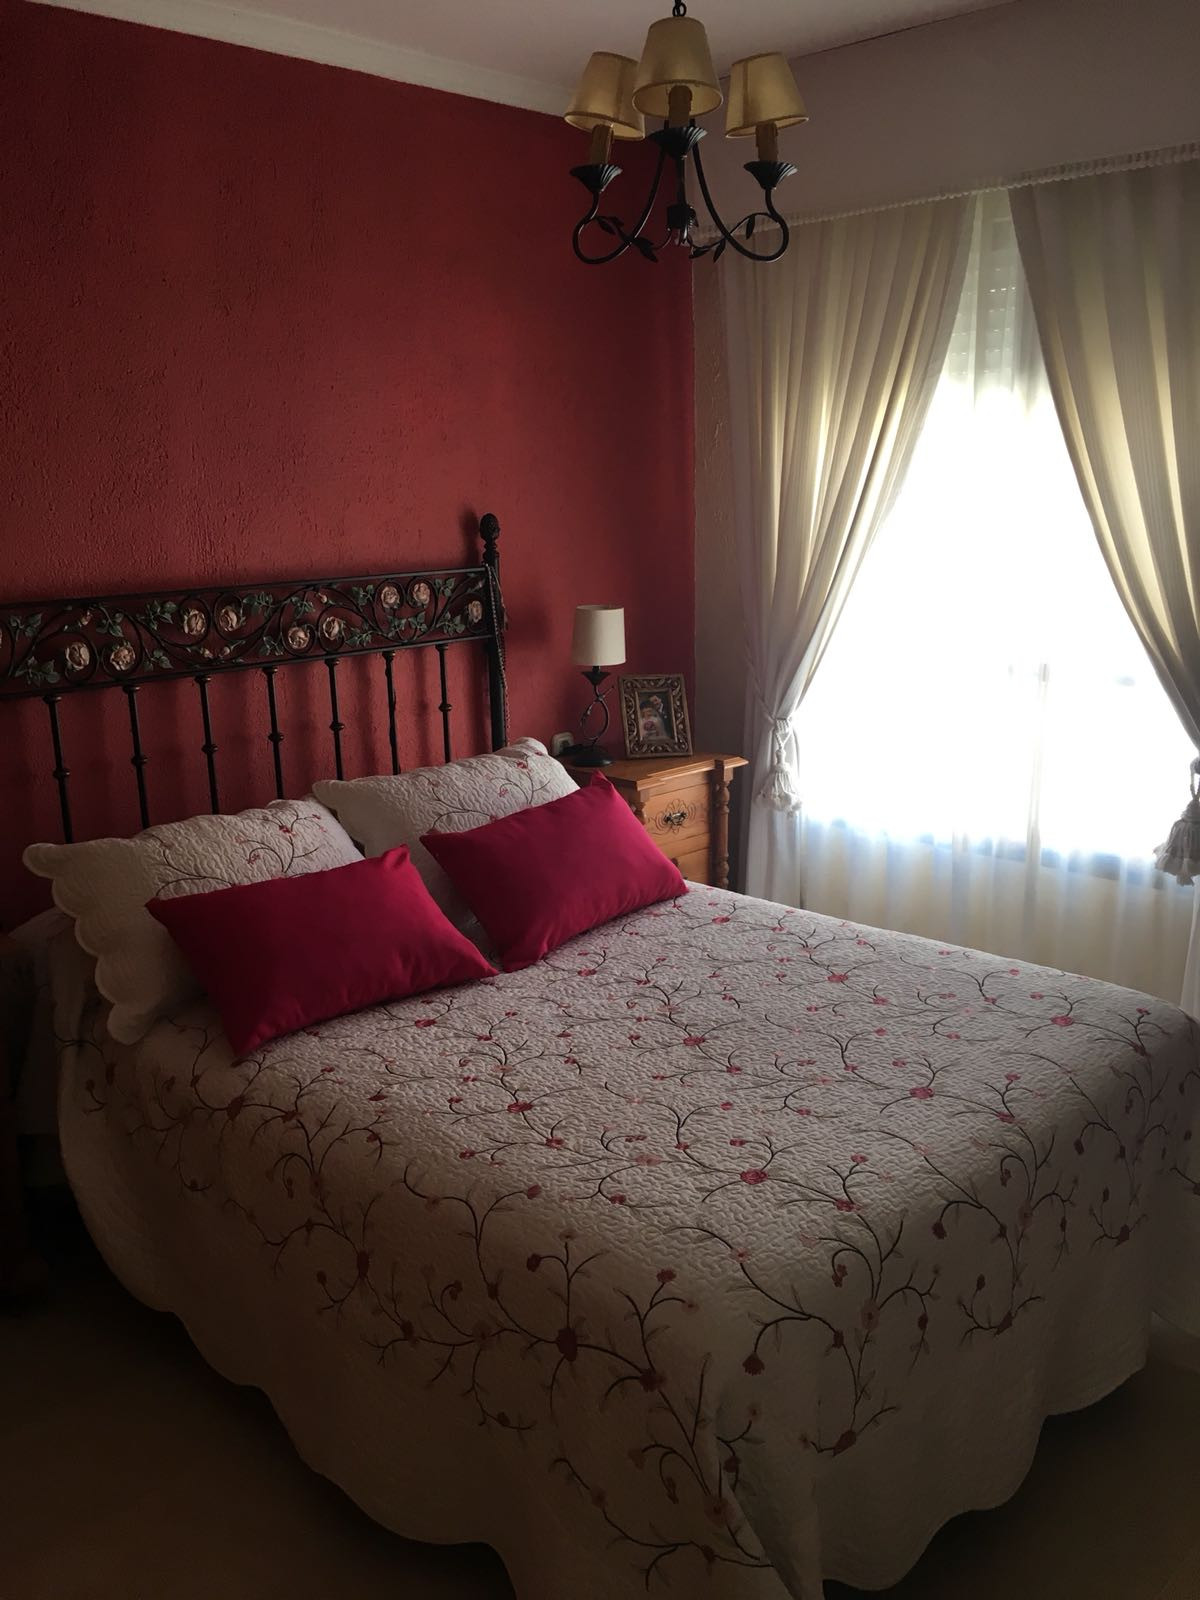 Unifamiliar con 5 Dormitorios en Venta Estepona